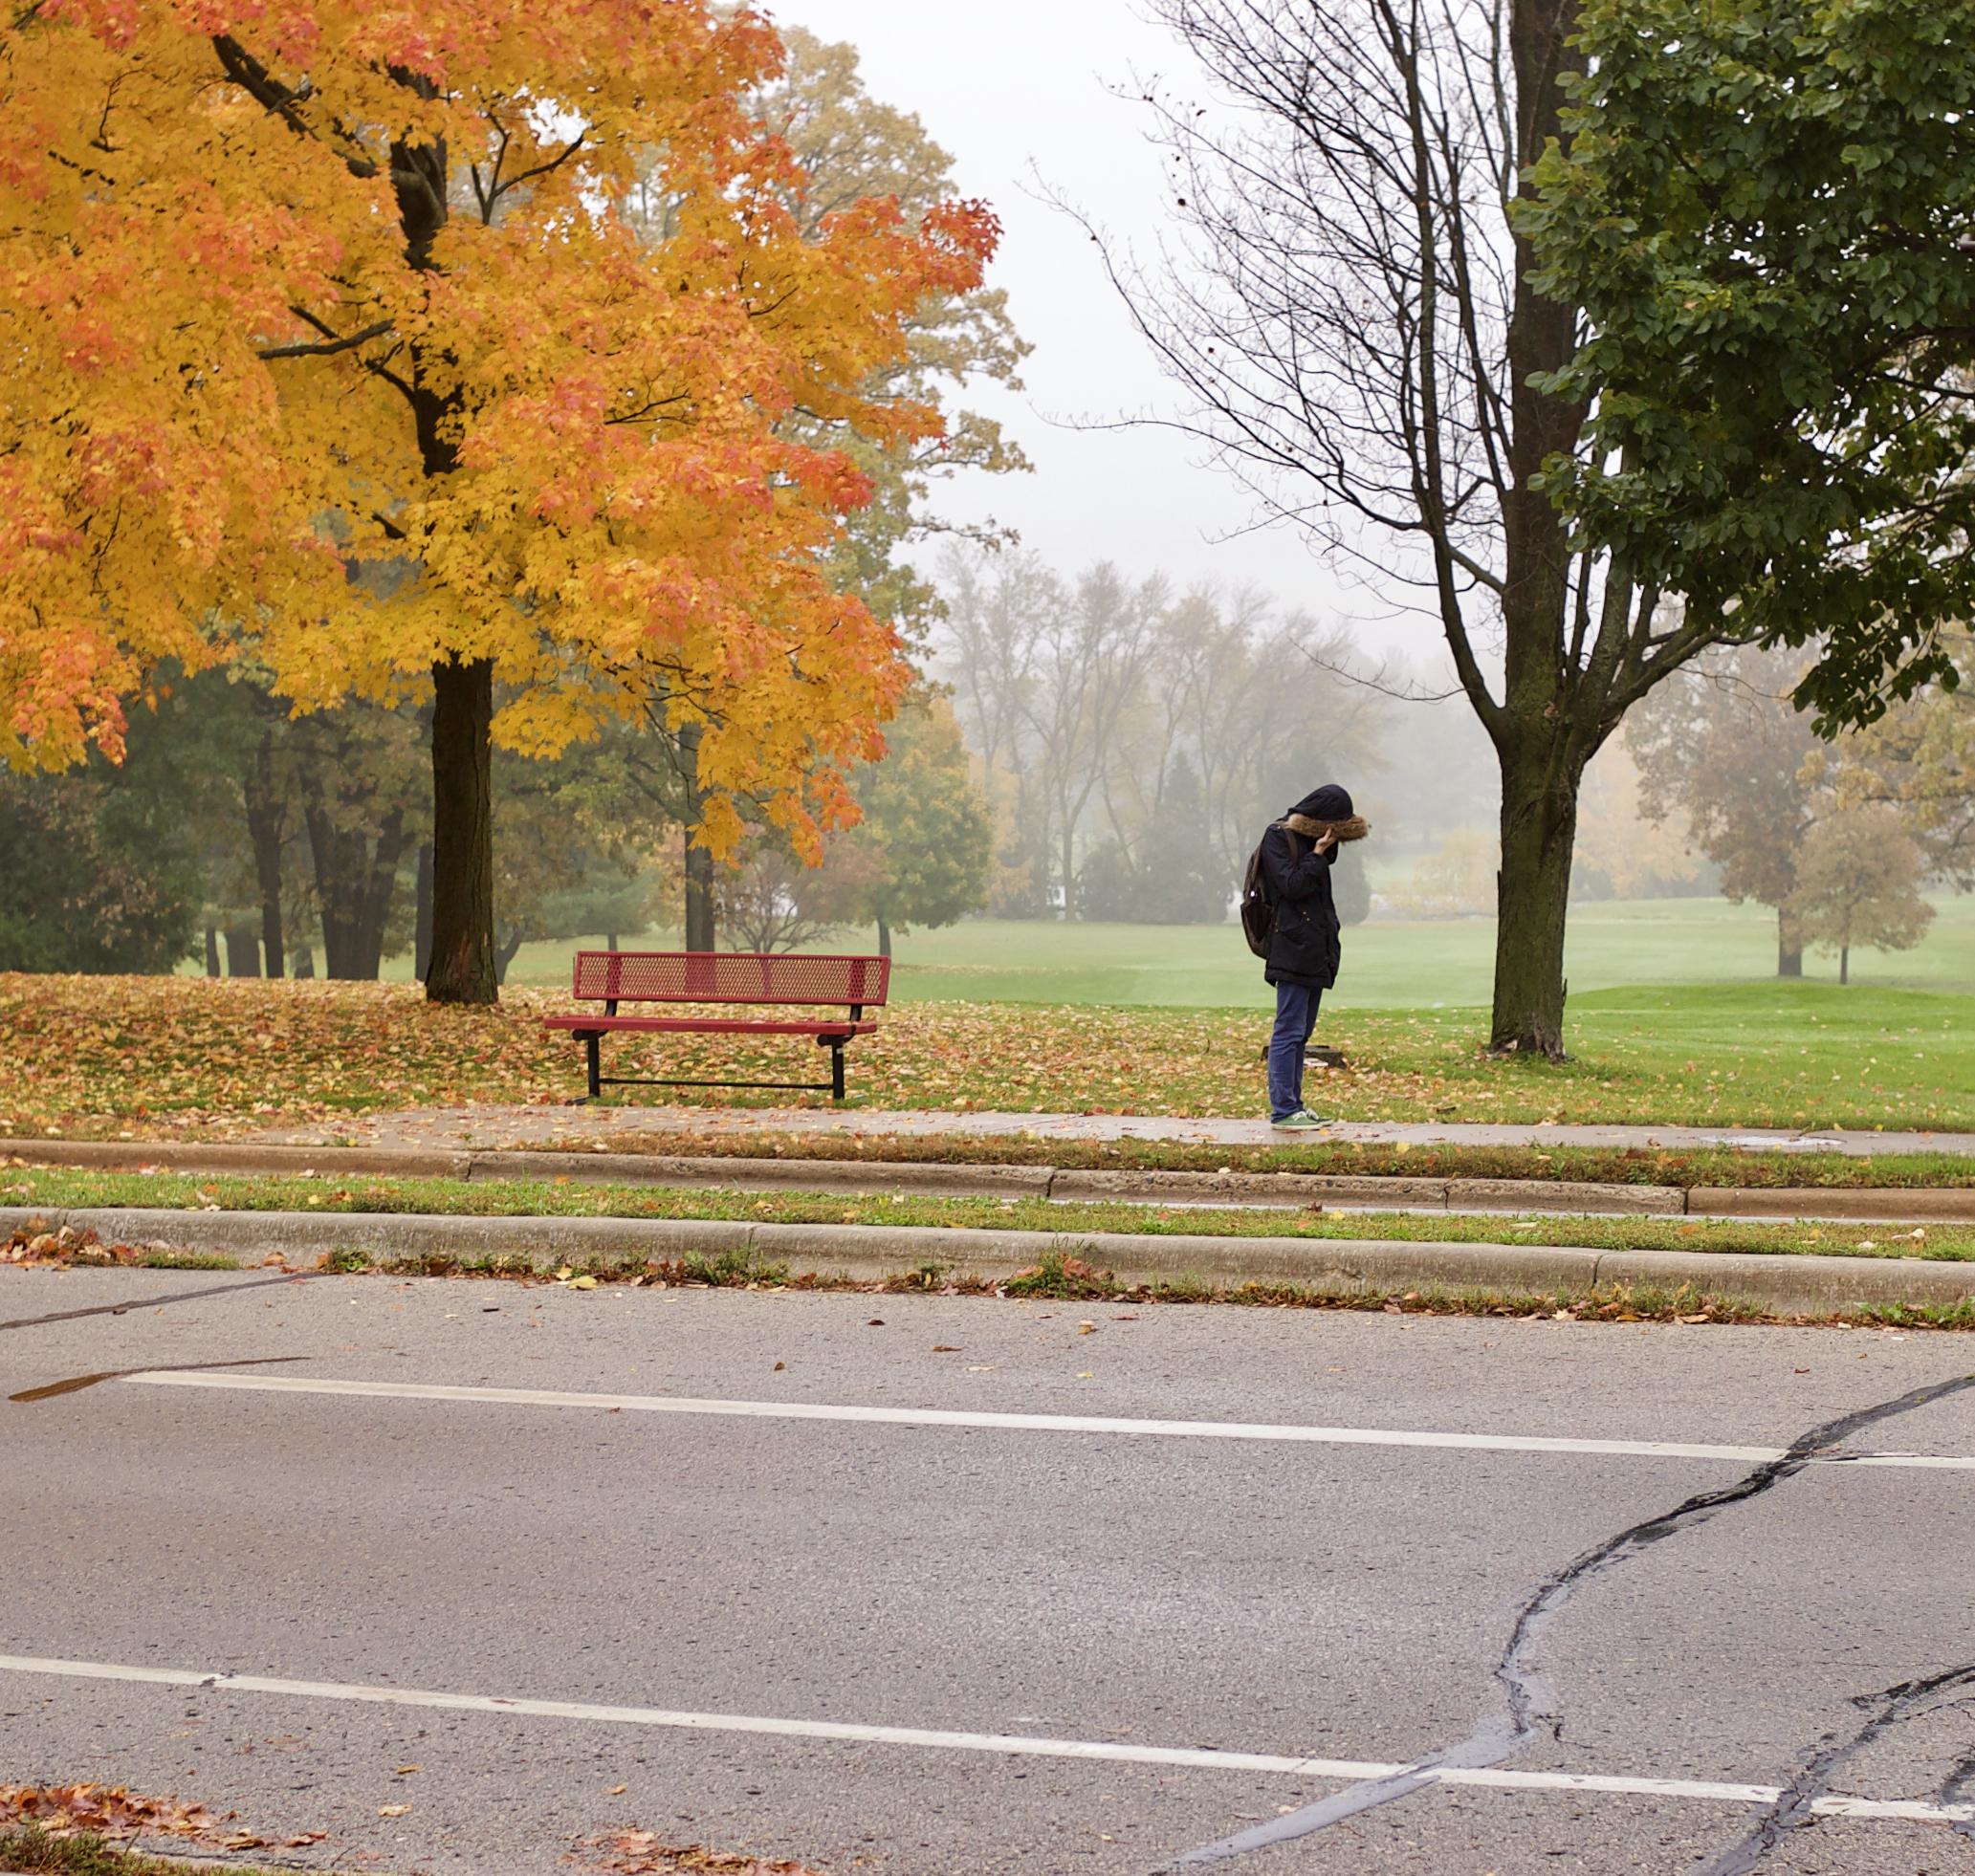 Wet Bus Stop. Odana Road. Madison, Wisconsin. October 2014. © William D. Walker